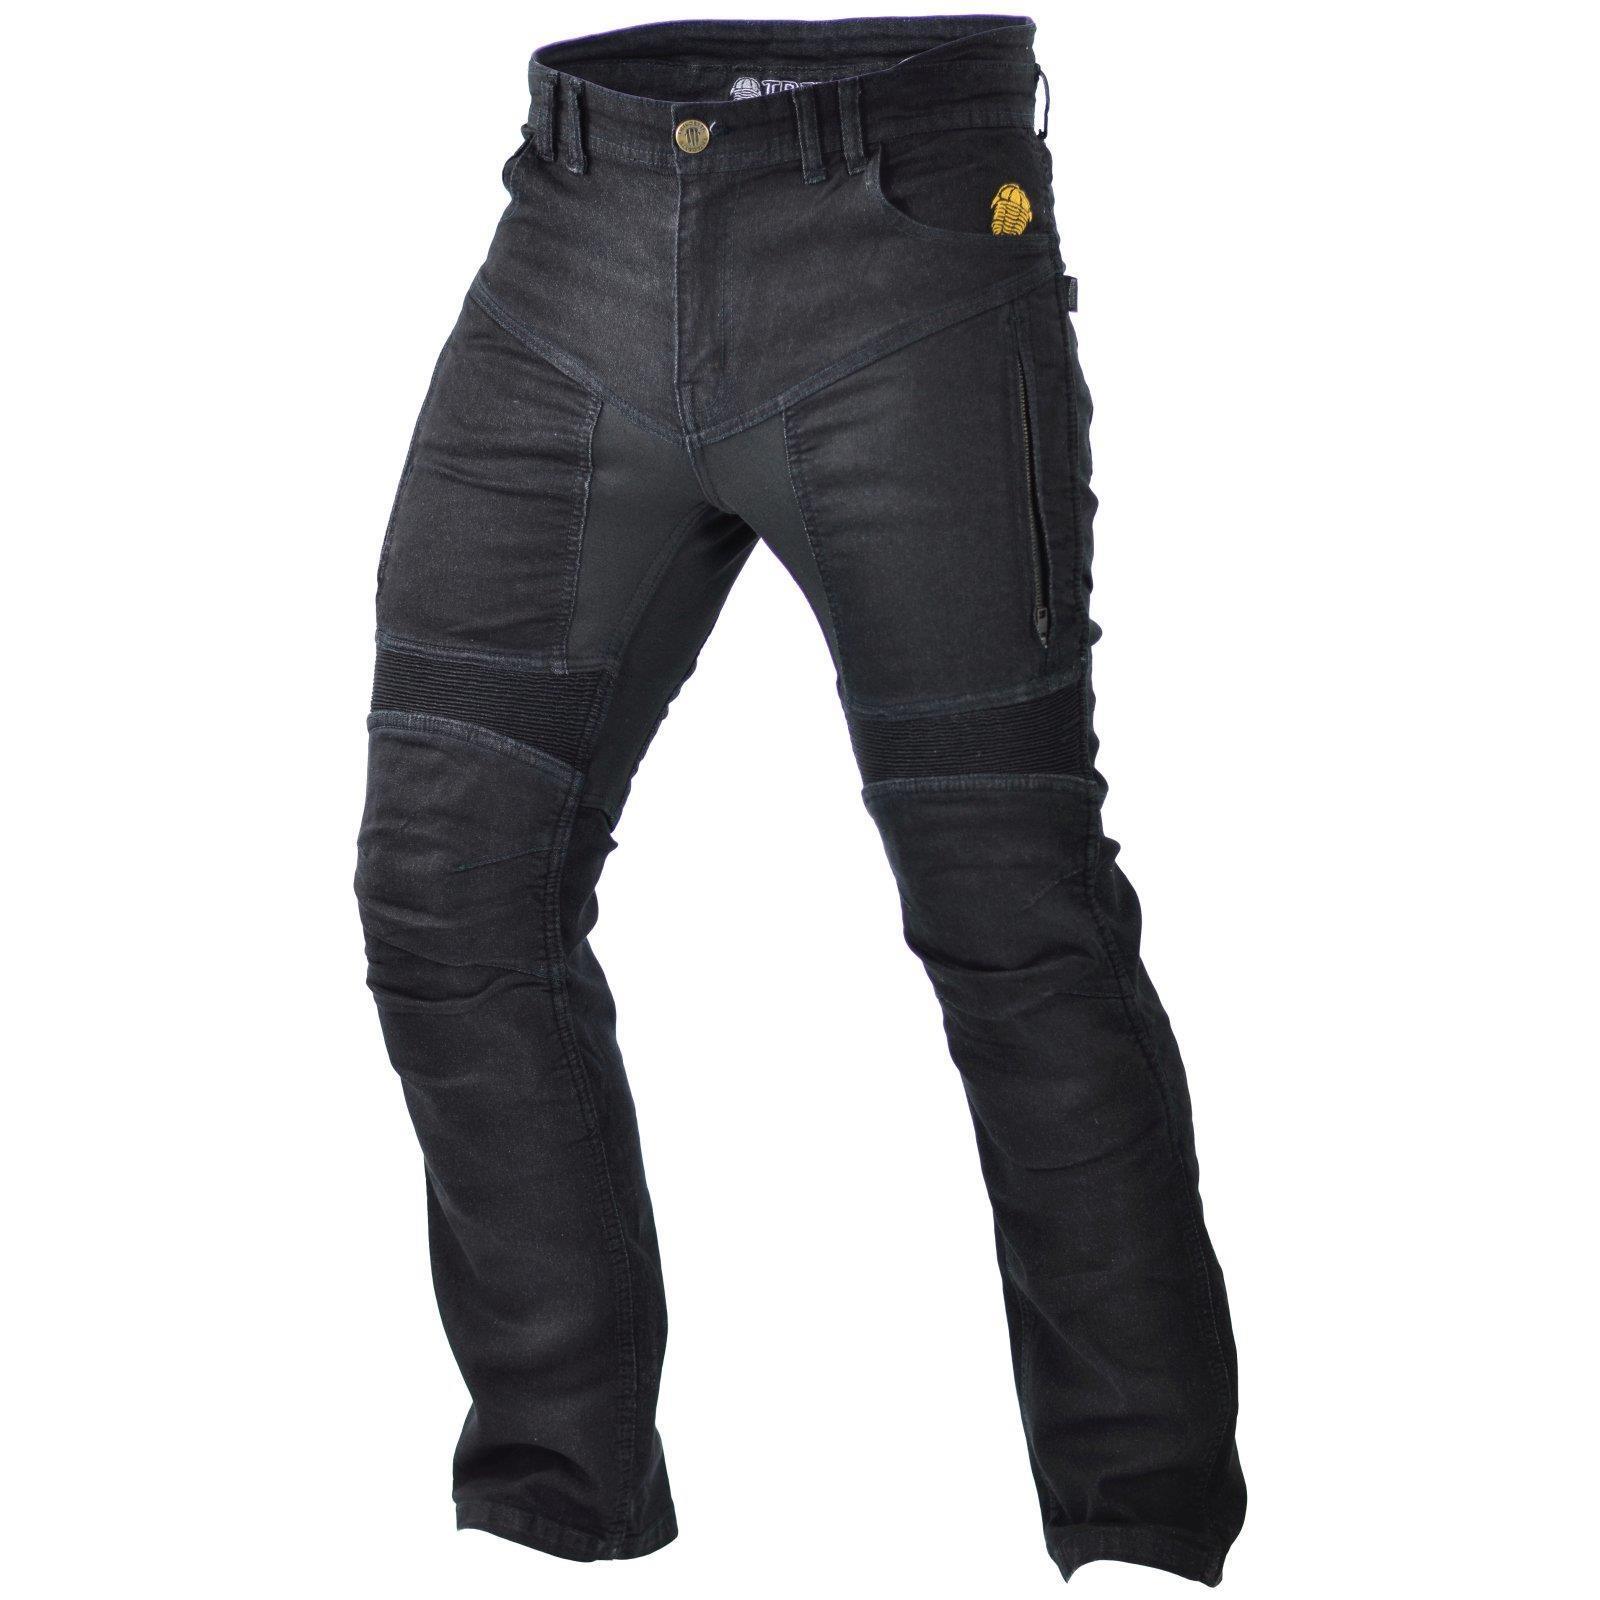 trilobite parado jeans schwarz herren motorrad hose. Black Bedroom Furniture Sets. Home Design Ideas